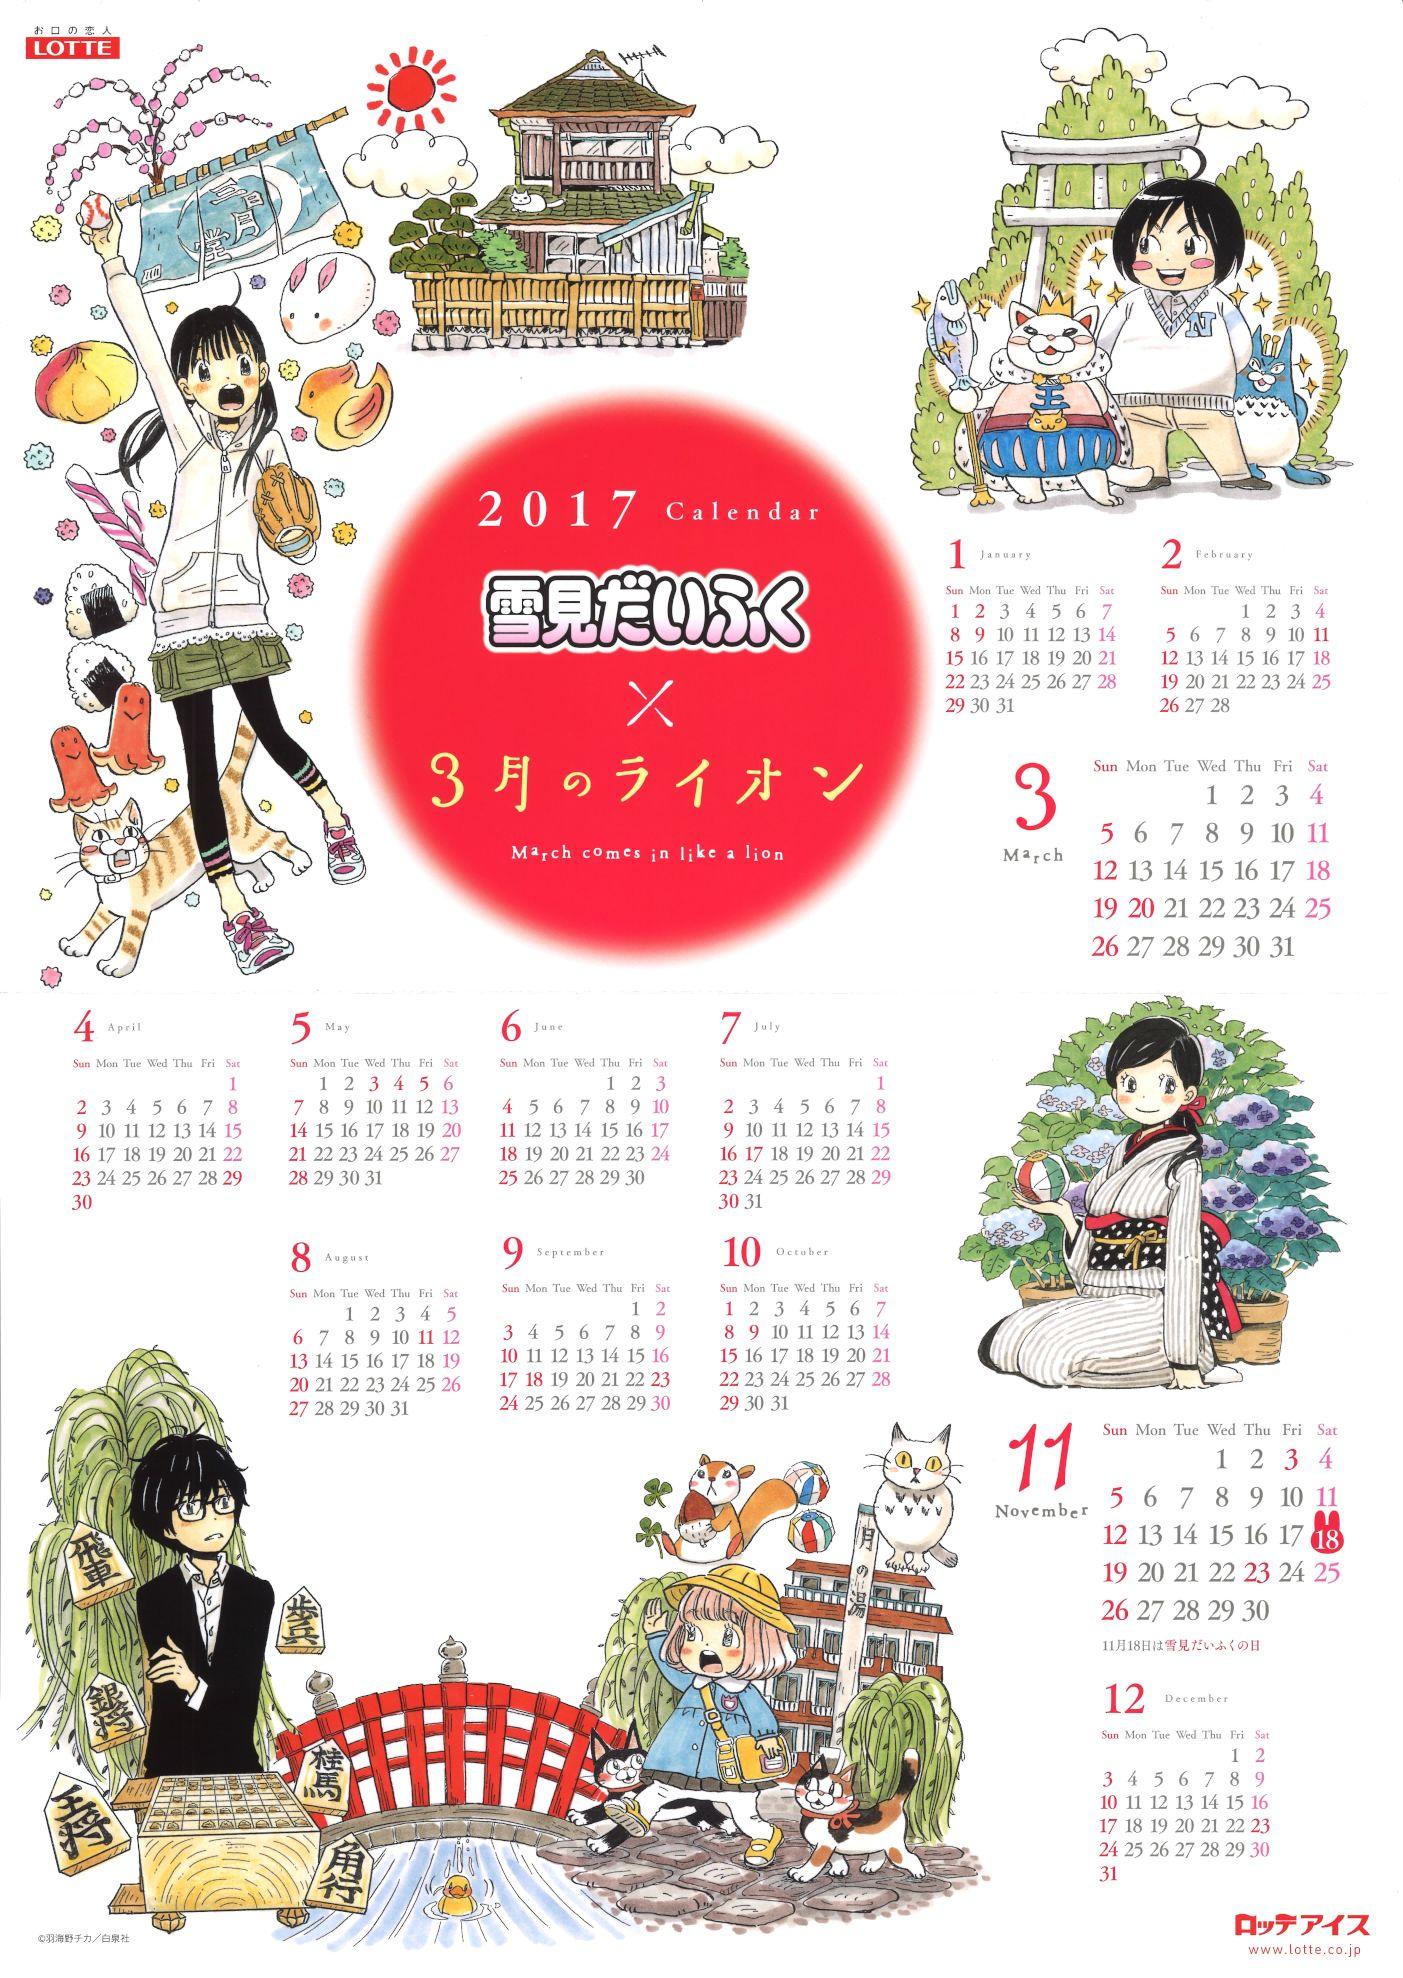 3lion_yukimi_07